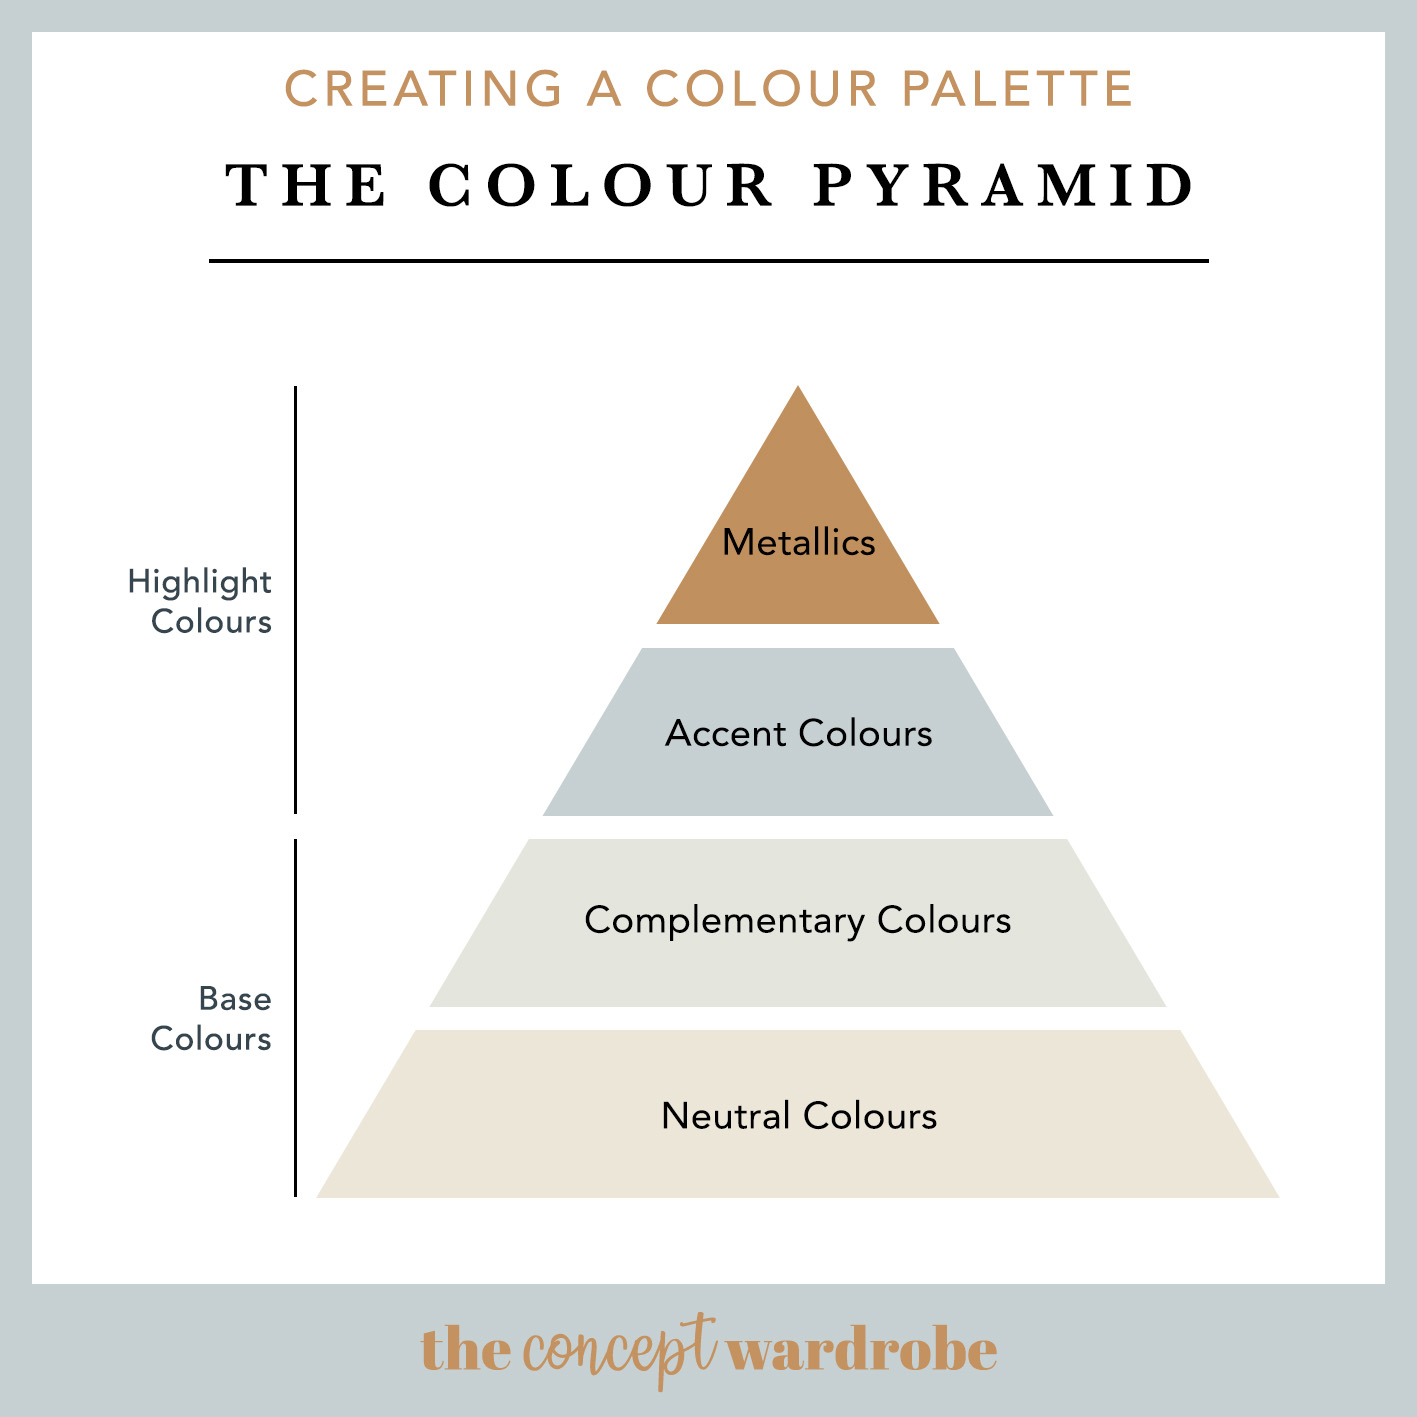 Fashion Colour Palette Pyramid - the concept wardrobe